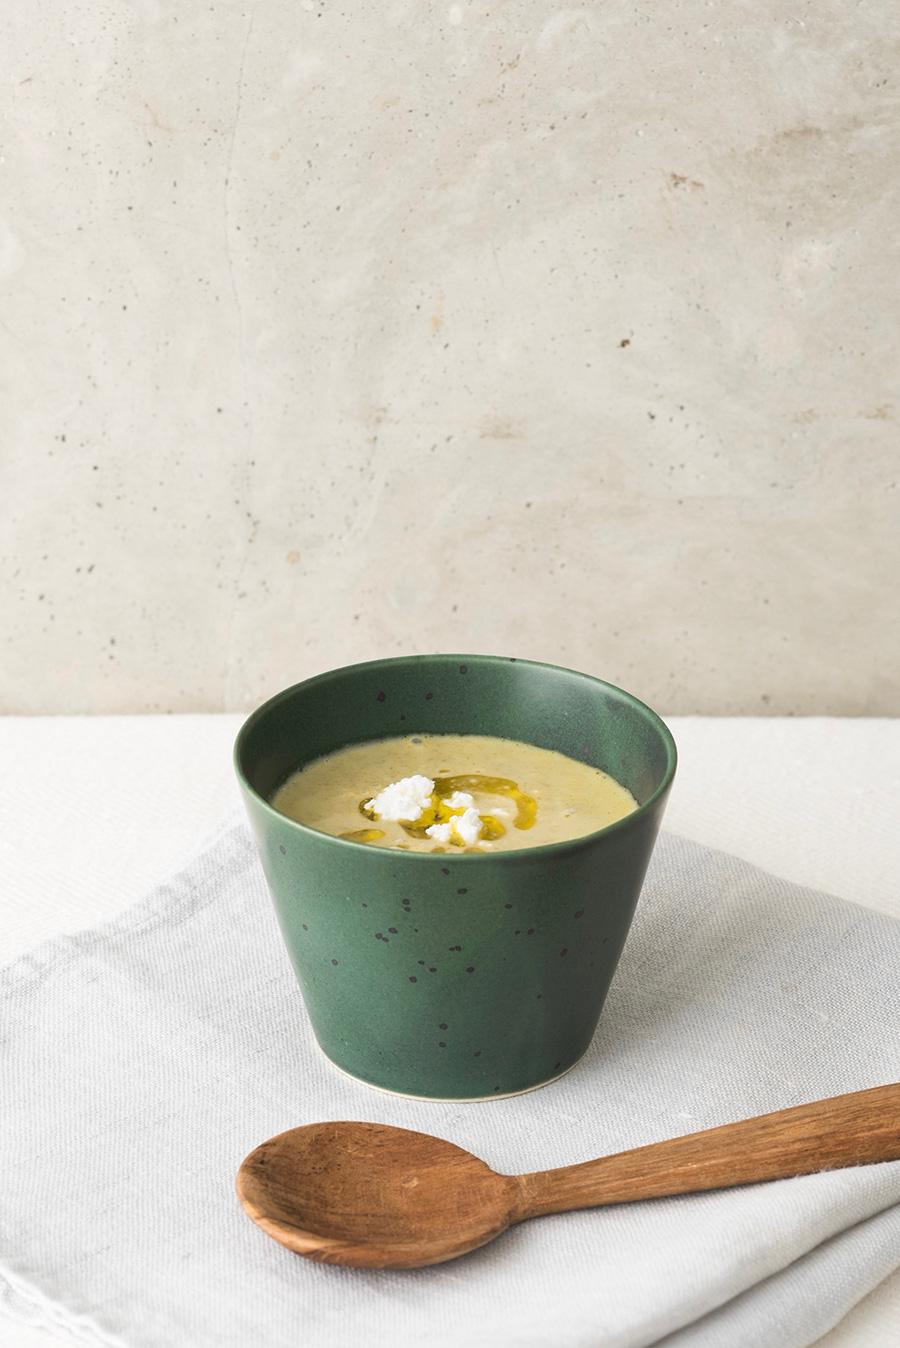 そばちょこ 色釉/渋結晶 青銅 φ83 H62mm 170cc  ¥1,500 朝食にぴったりな小ぶりなスープカップとして。